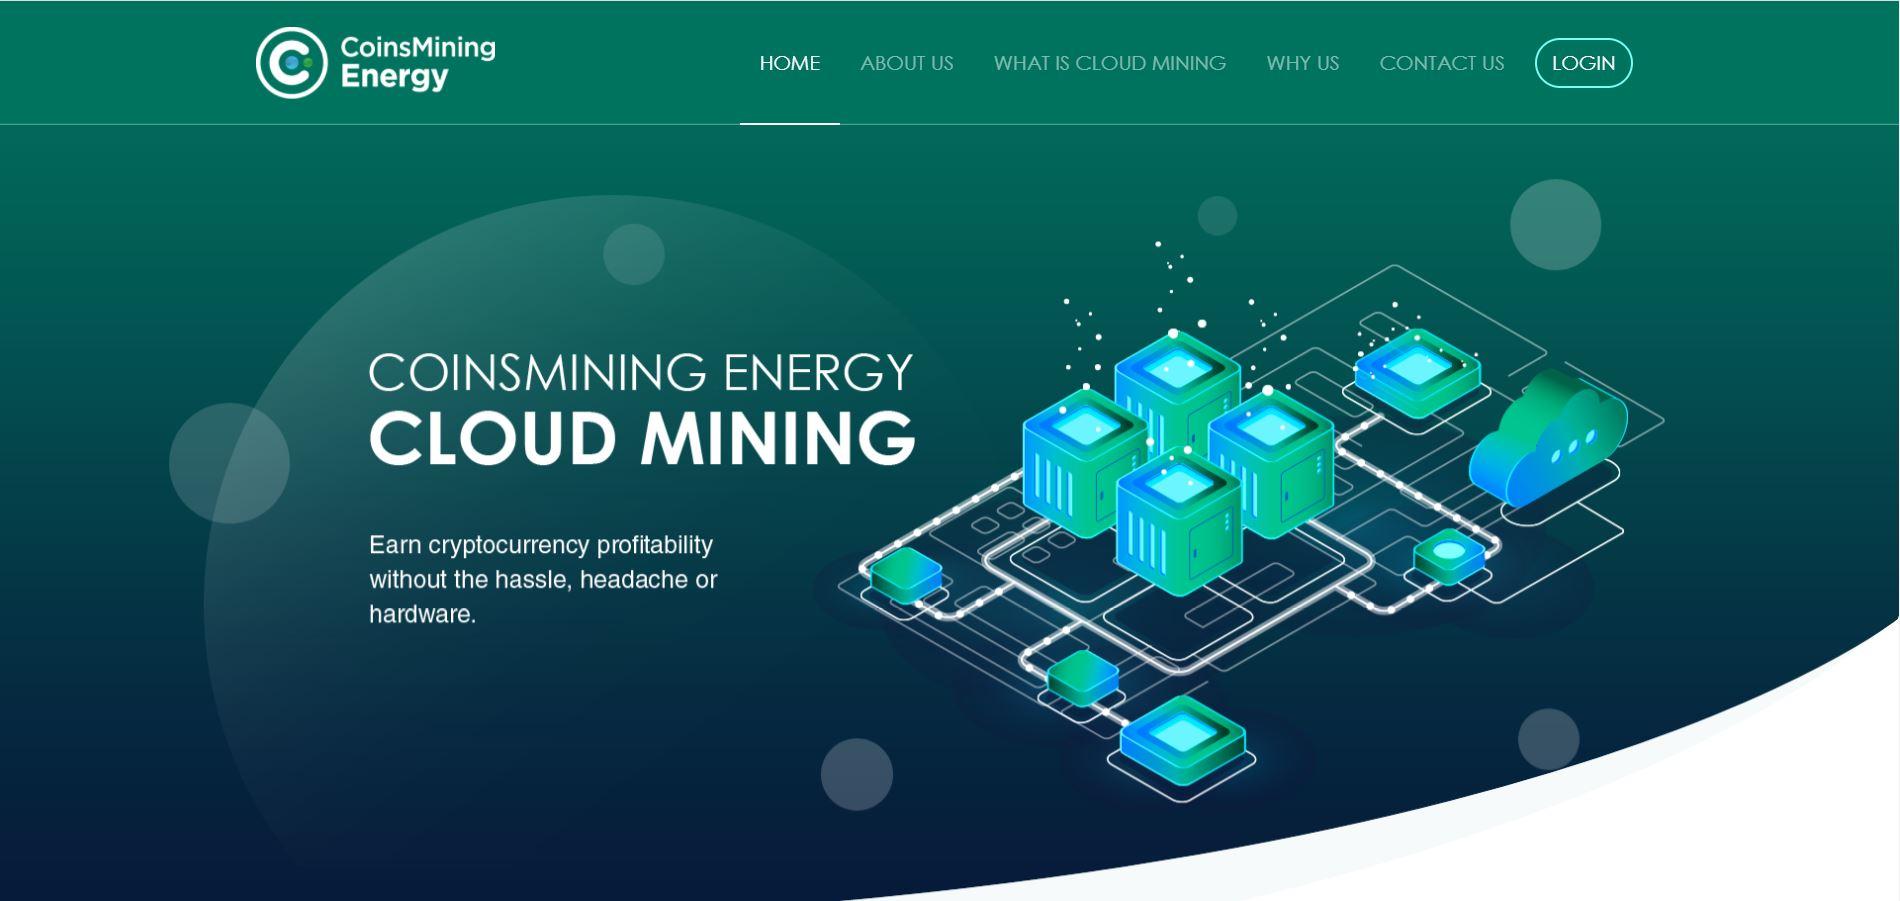 در شرکت هرمی ورلد واید انرژی سرمایه گذاری نکنید - coinsmining.energy